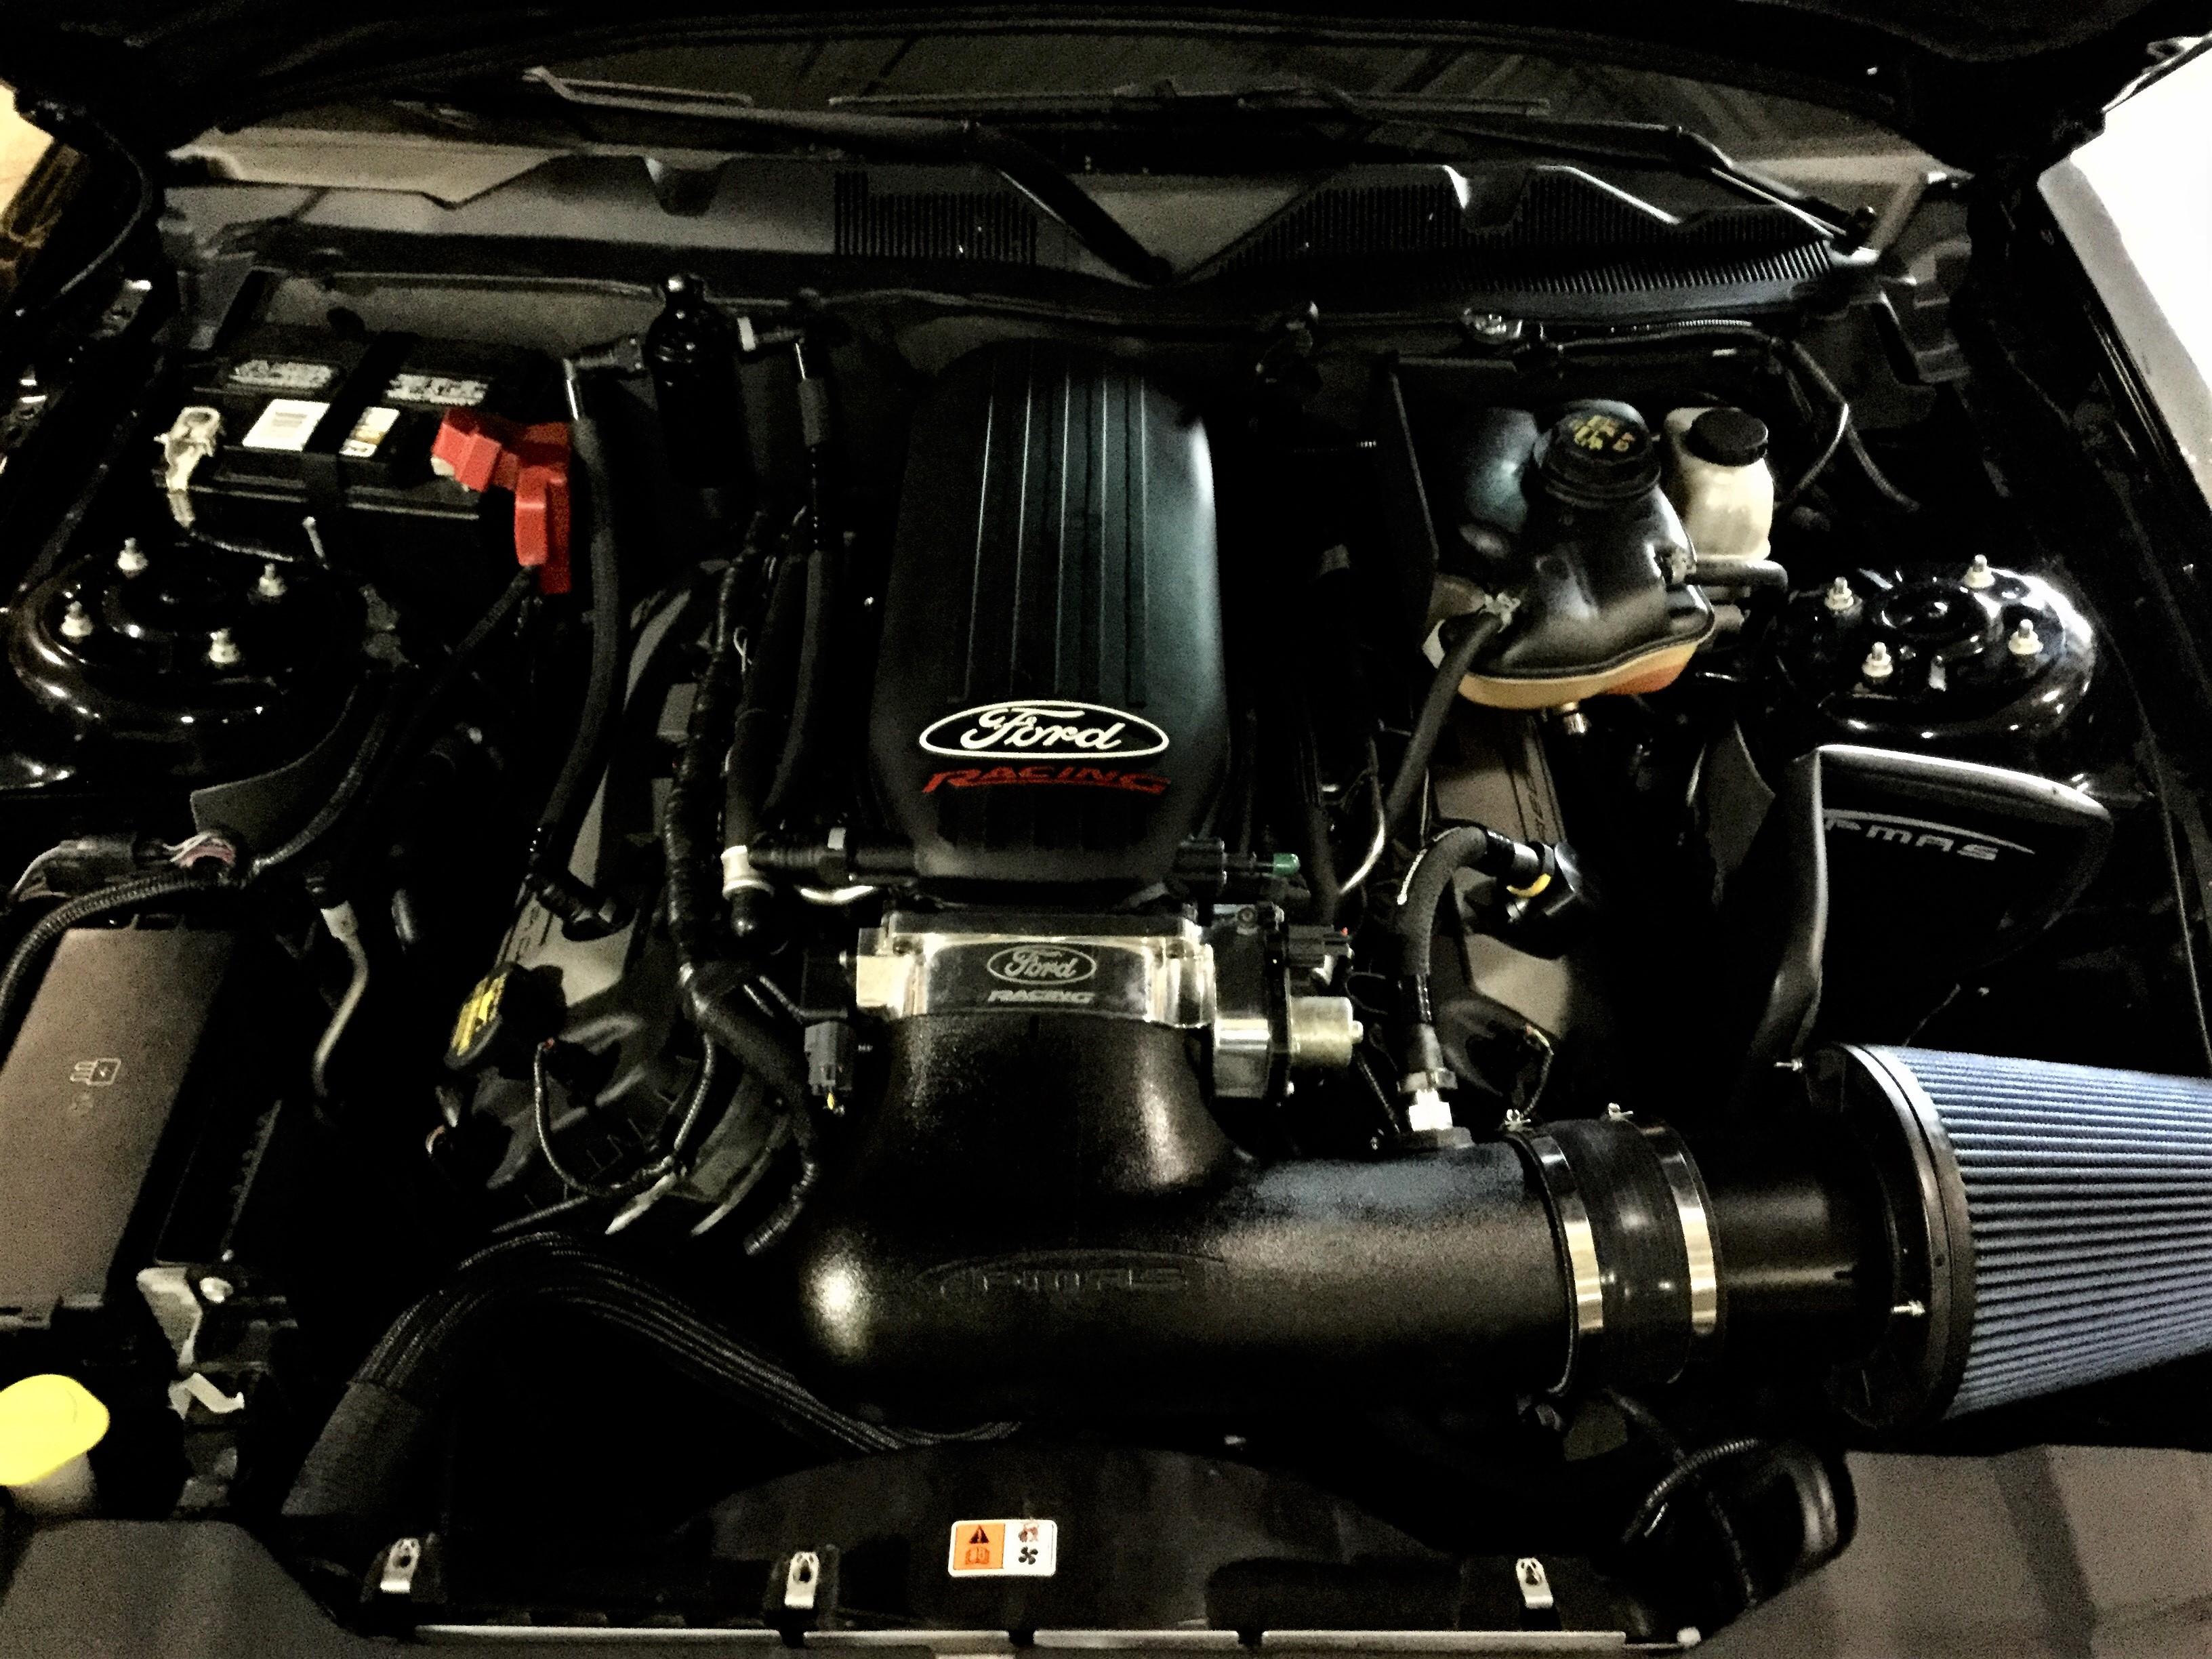 Boss 302 Intake Manifold >> 2011 2014 Mustang Gt 5 0 Pmas Cold Air Intake With Cj Intake Manifold